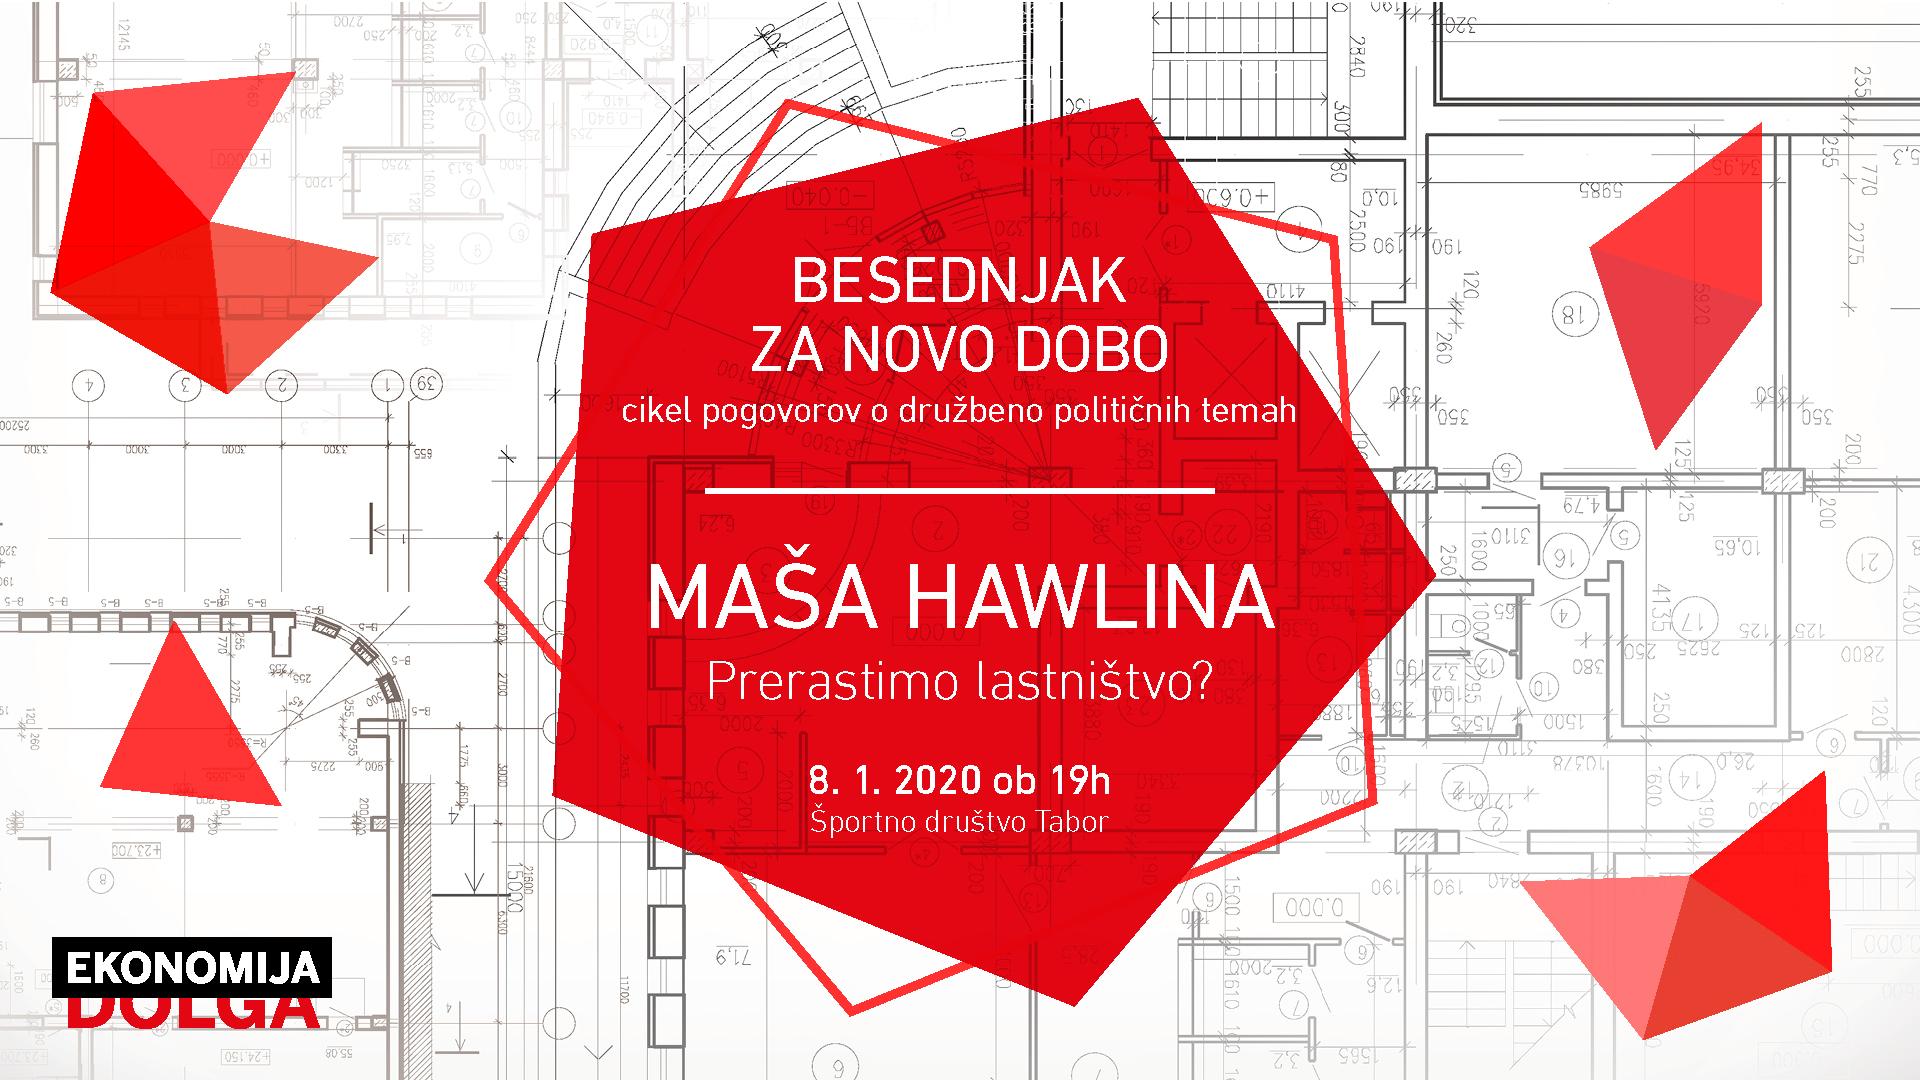 Enabanda - besednjak za novo dobo - posamični dogodki - socialna omrežje - FB - 1920x1080 - event image - 72dpi - Maša